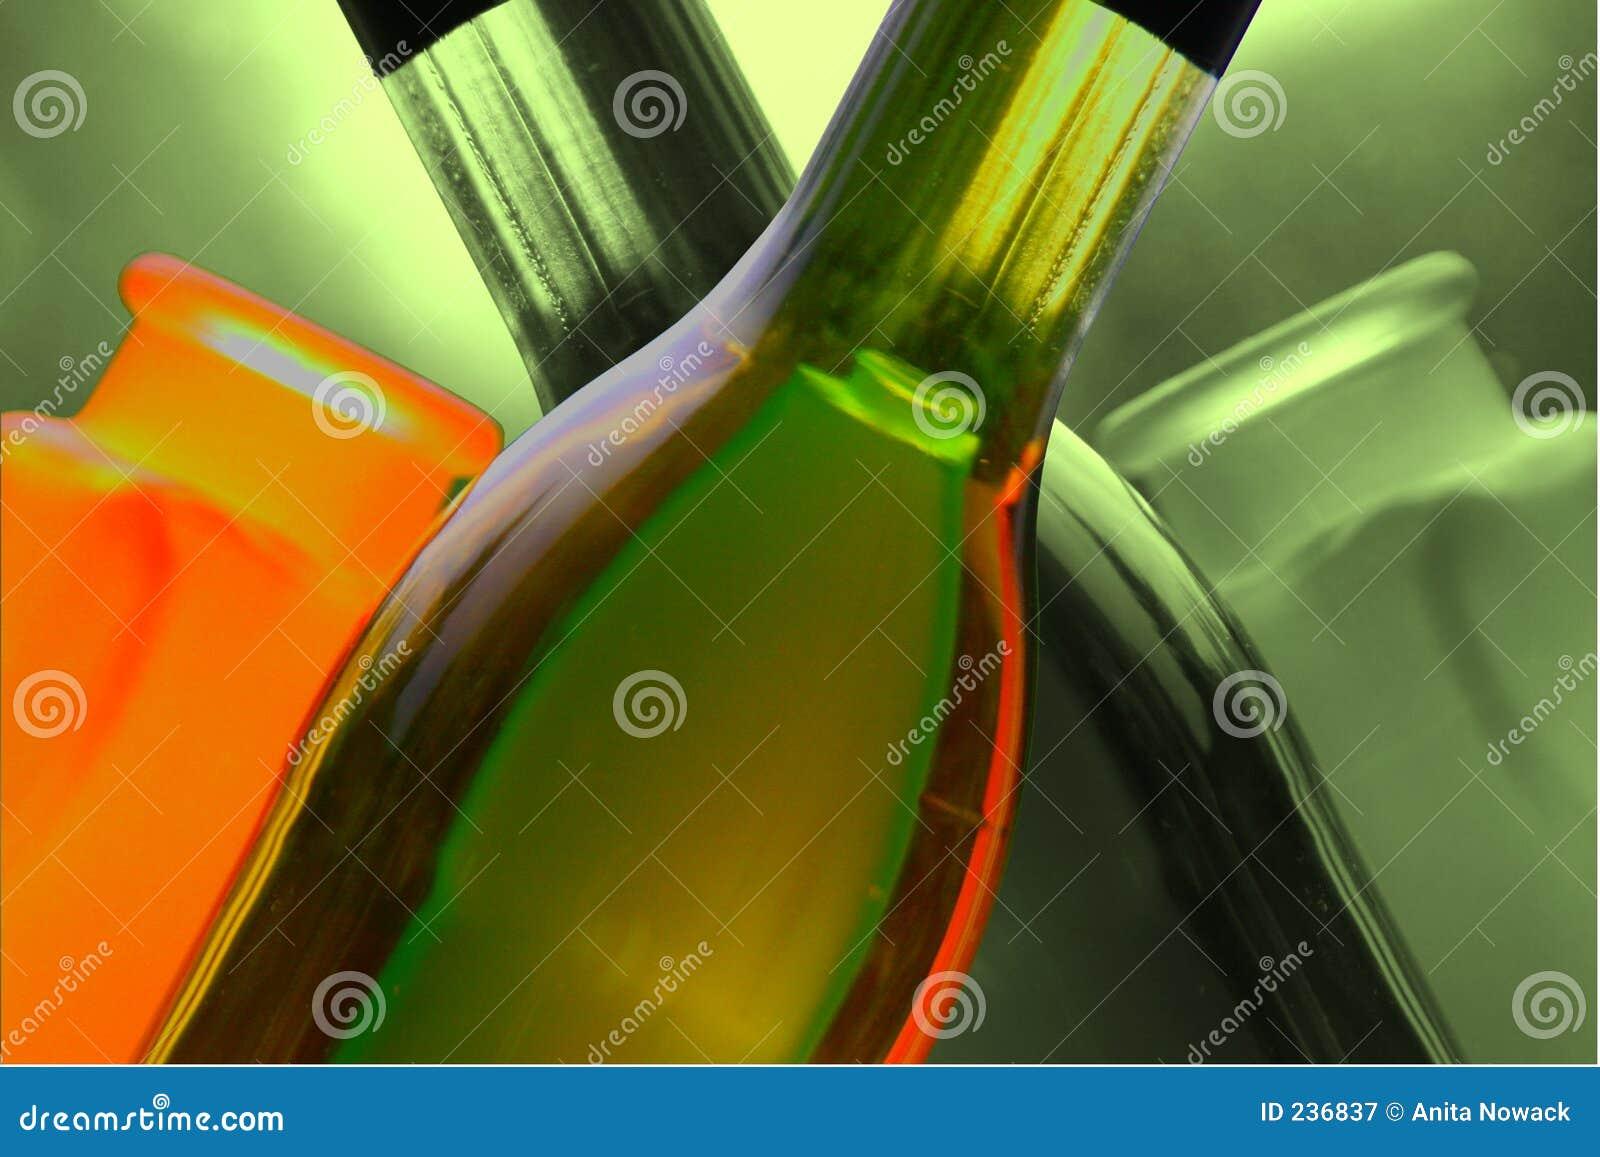 装瓶花瓶酒